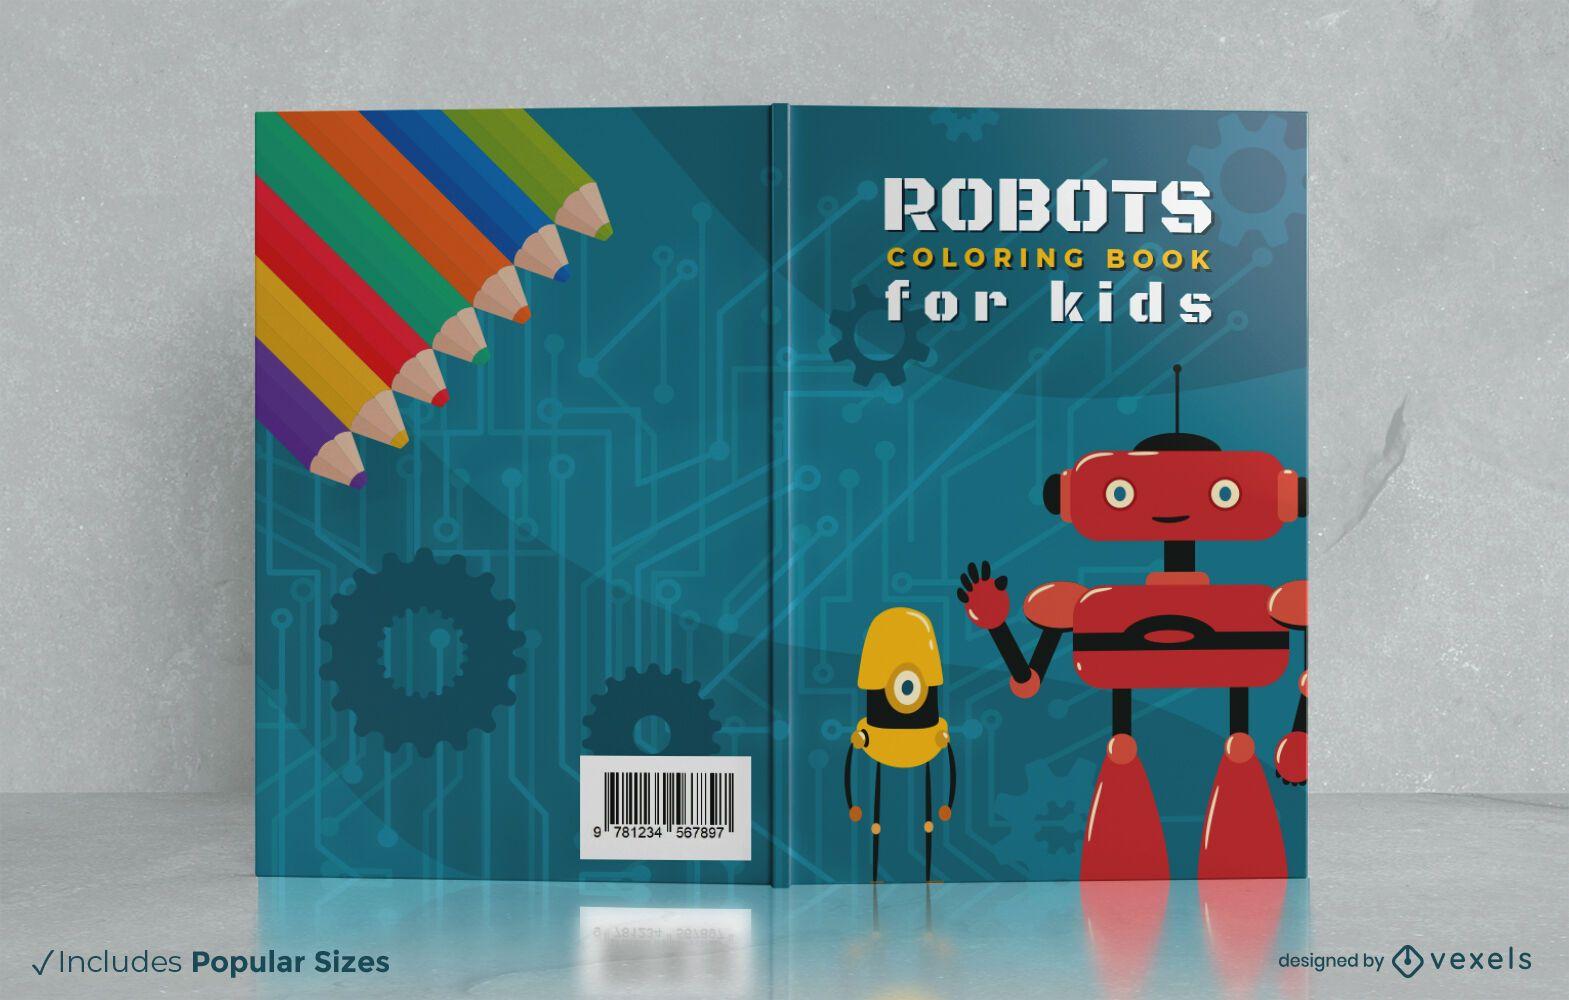 Dise?o de portada de libro para colorear de robots